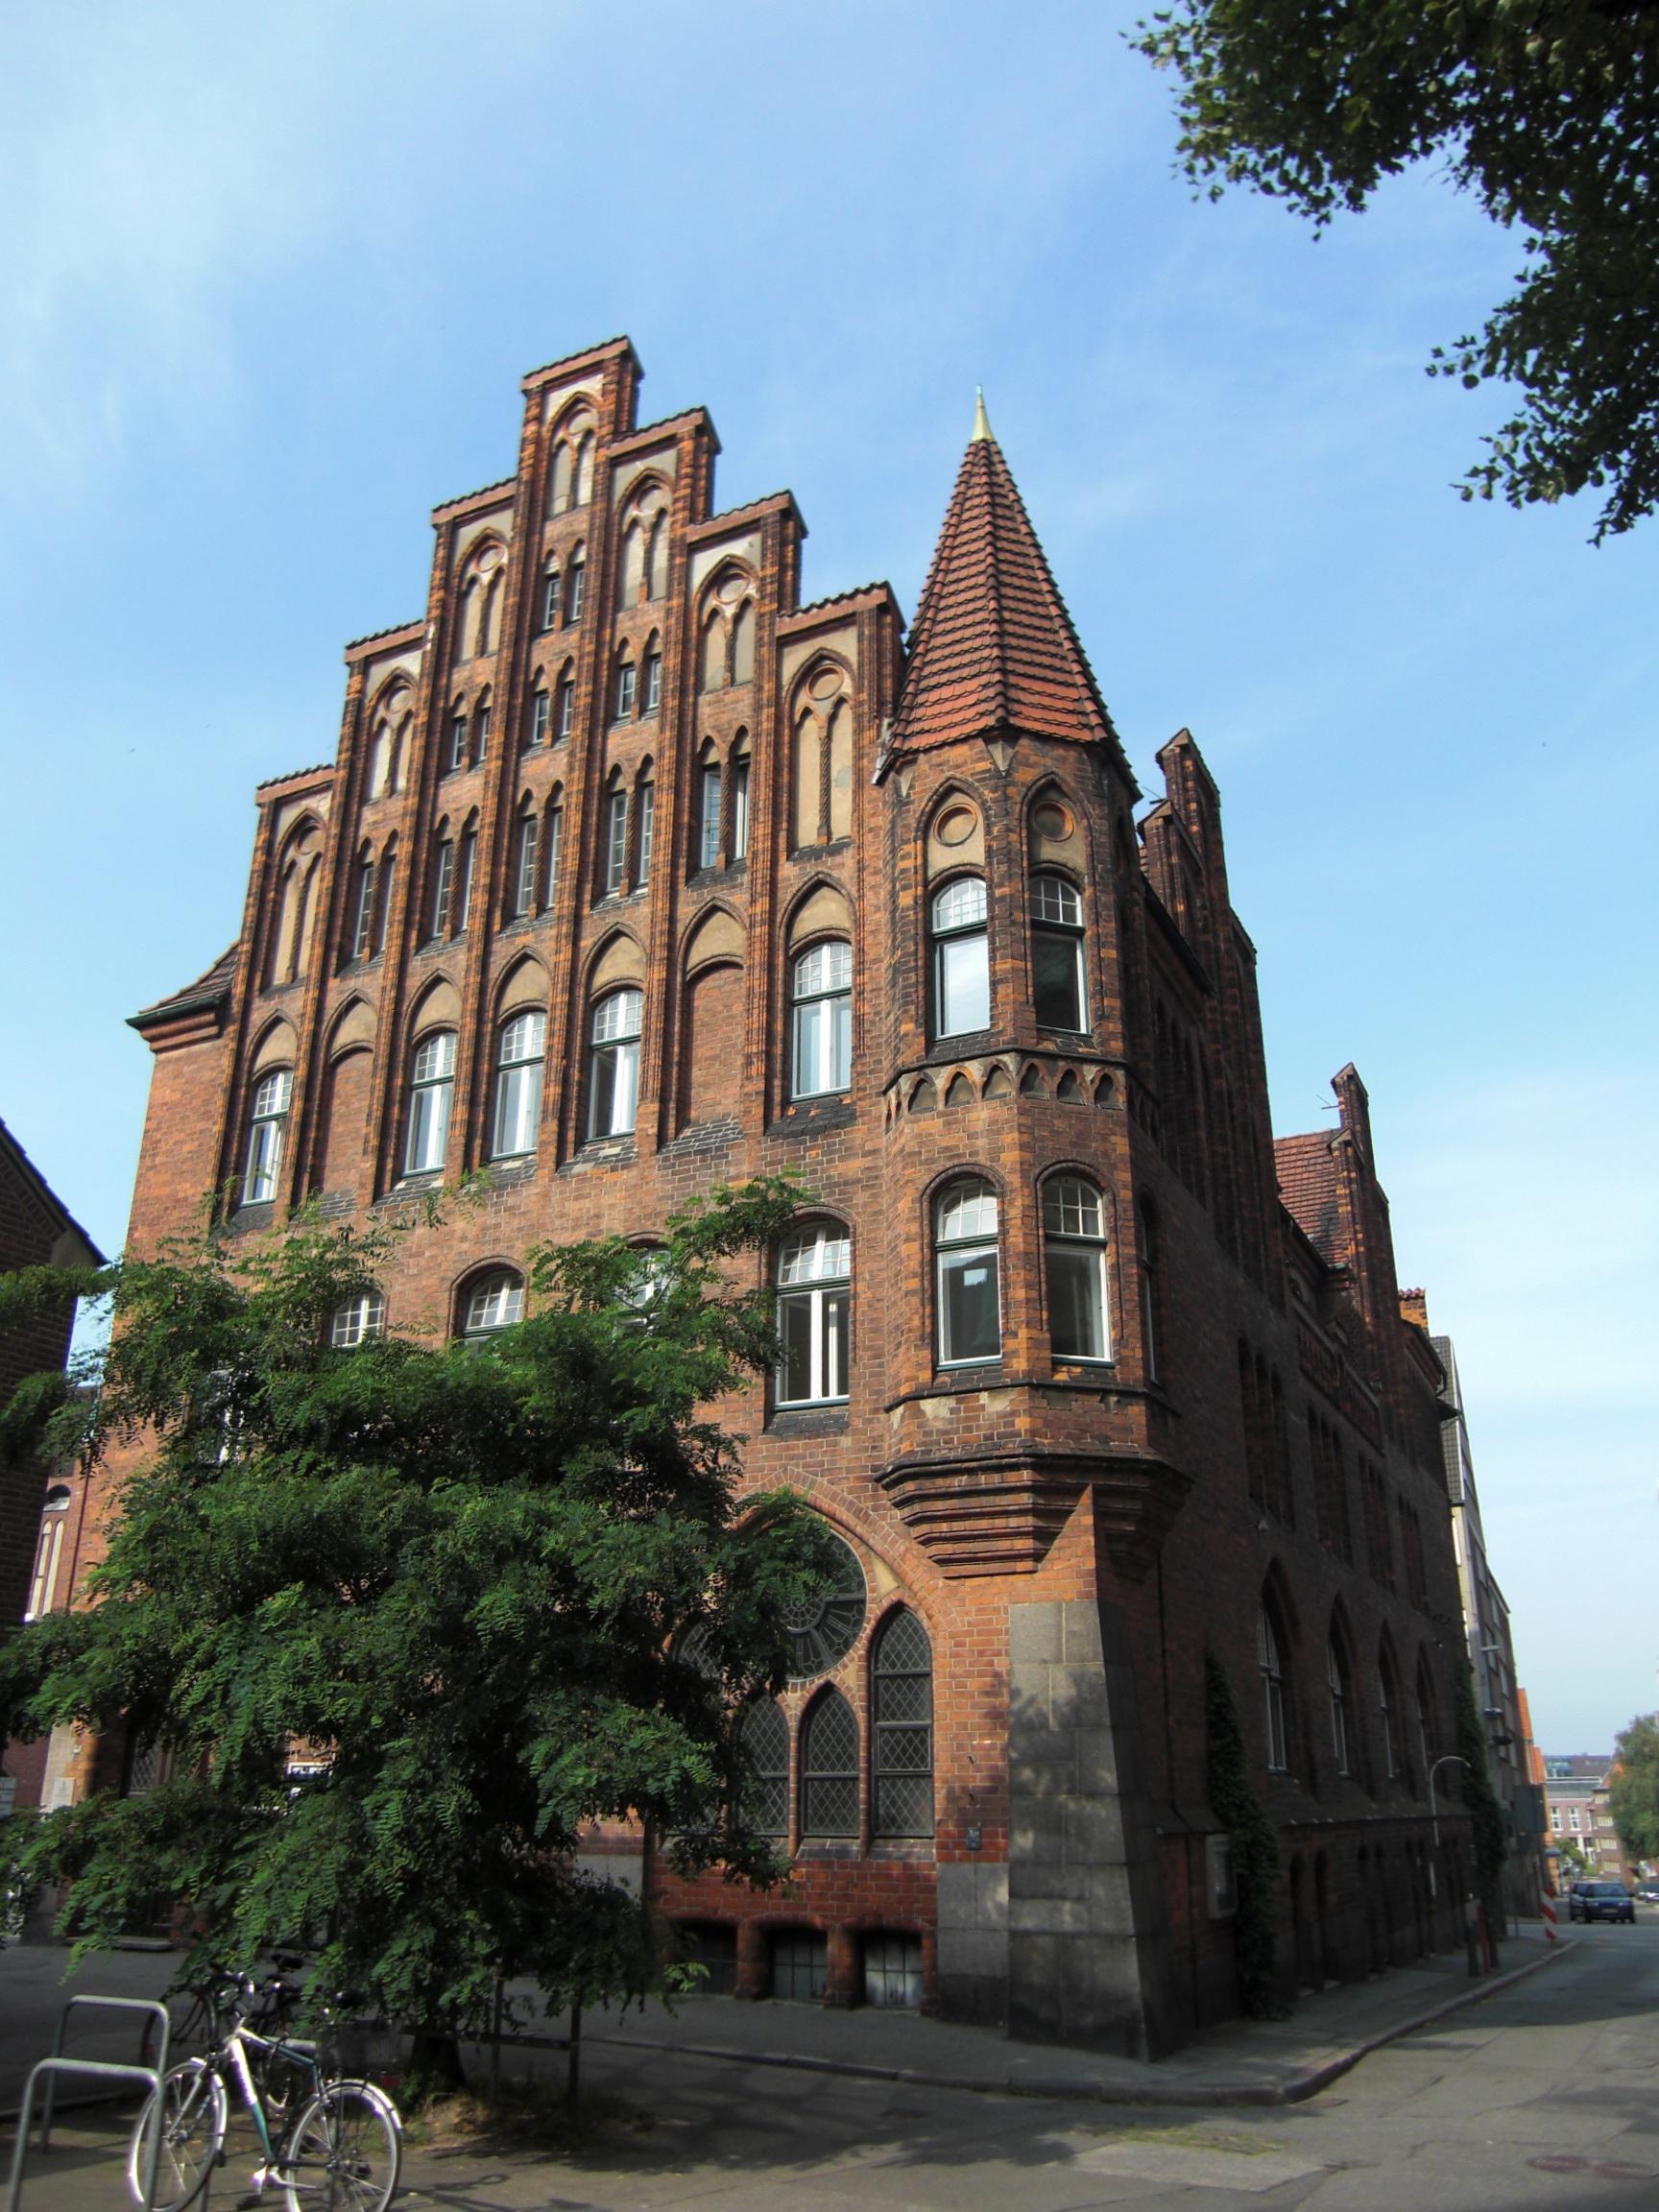 Architektur Lübeck kostenlose foto die architektur villa haus gebäude chateau